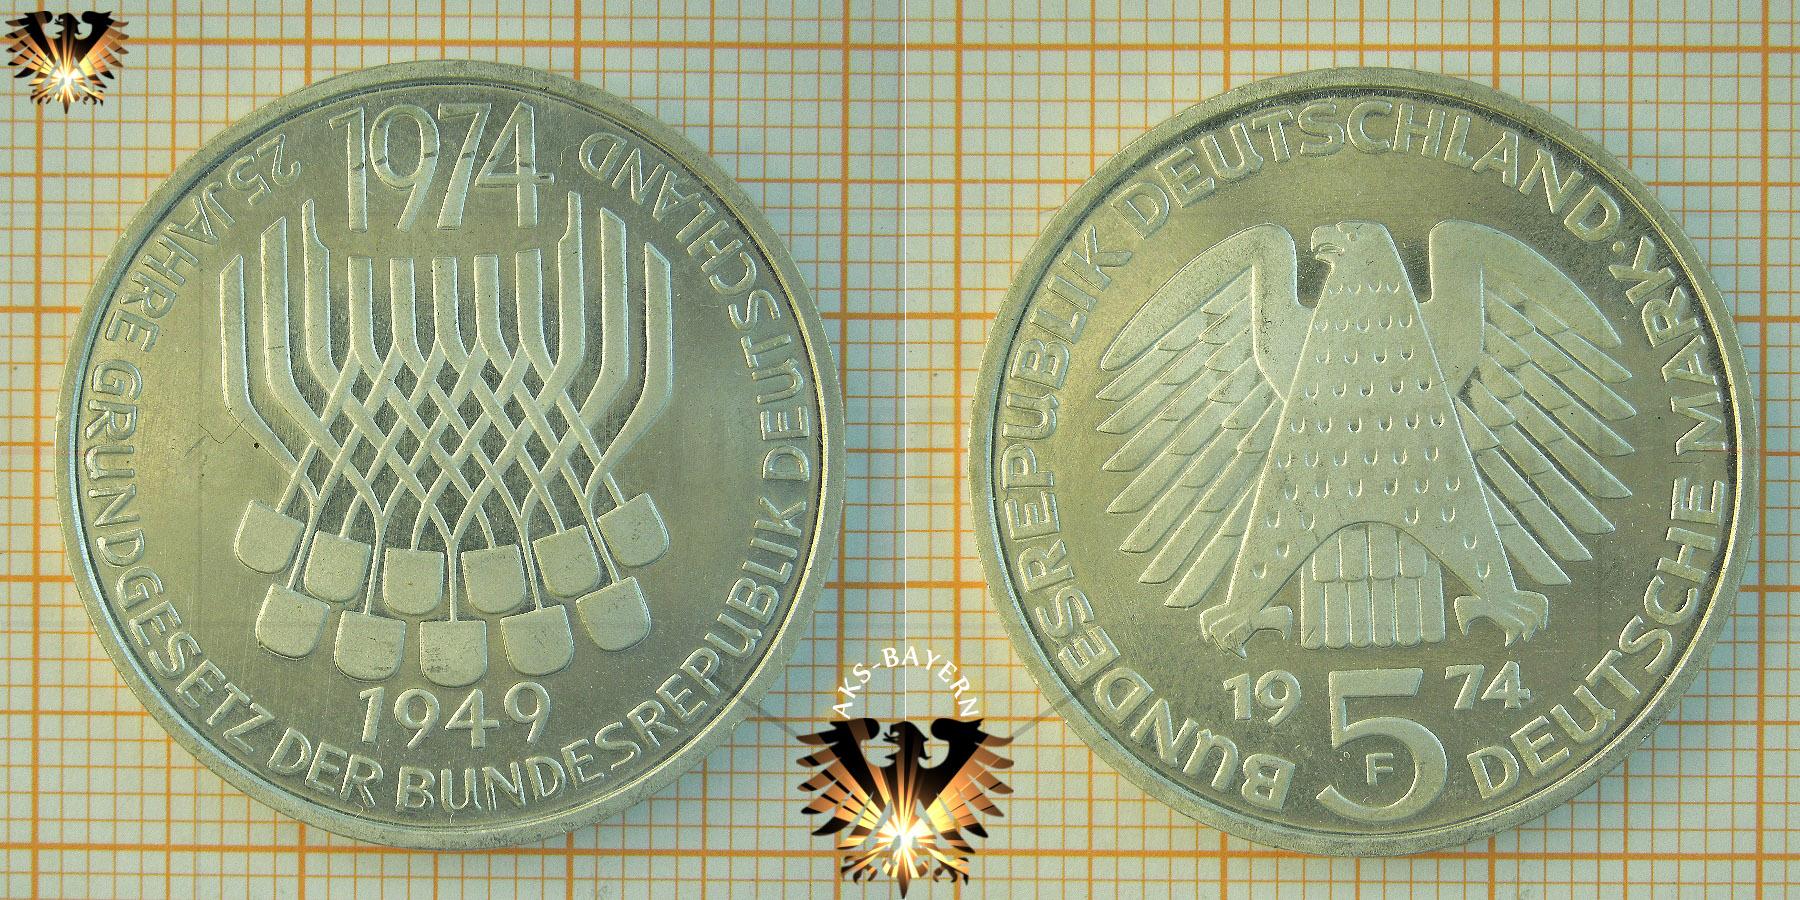 5 Dm Brd 1974 F 25 Jahre Grundgesetz Der Bundesrepublik Deutschland